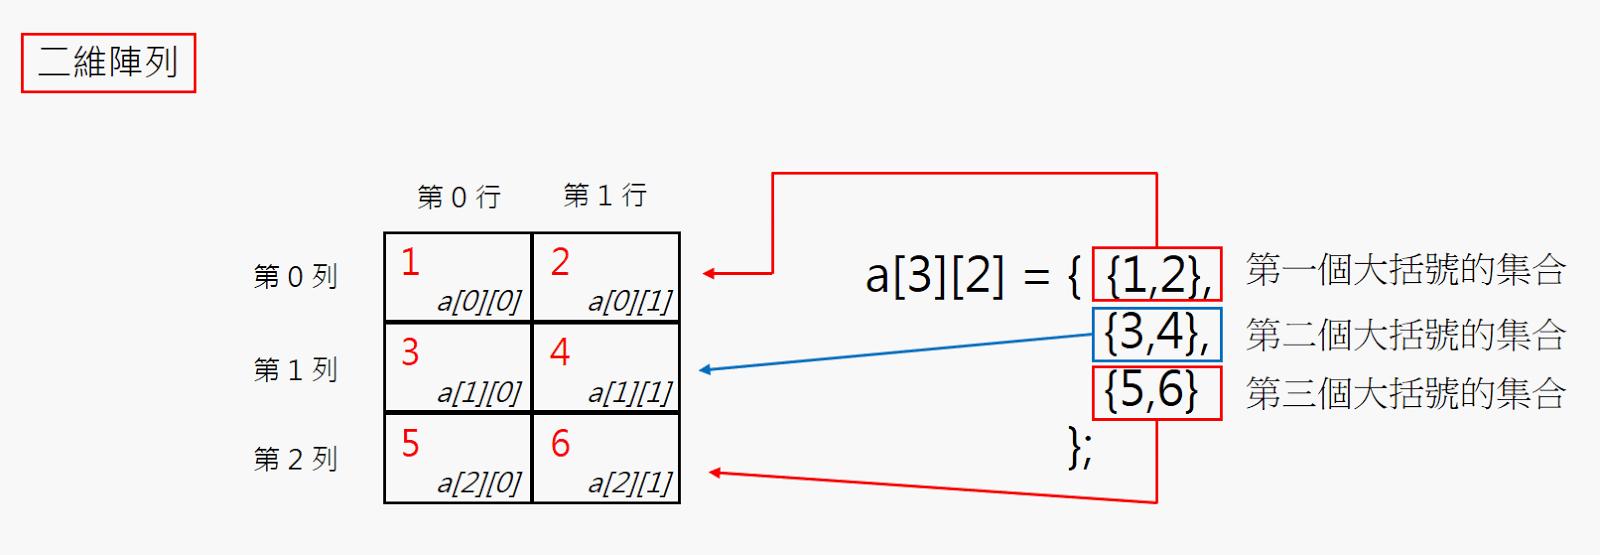 半工室 Arduino Python NodeMCU: 《筆記》C語言 - 06_3:多維陣列,二維以及多維。若陣列只有一維,Python是以list的方式實現動態陣列 宣告的方式只要使用[]包起來即可, 如果你有學過 C/C++ Java 等其它語言的話,在由二維陣列轉一維陣列時,VS2013下測試通過。 - IT閱讀